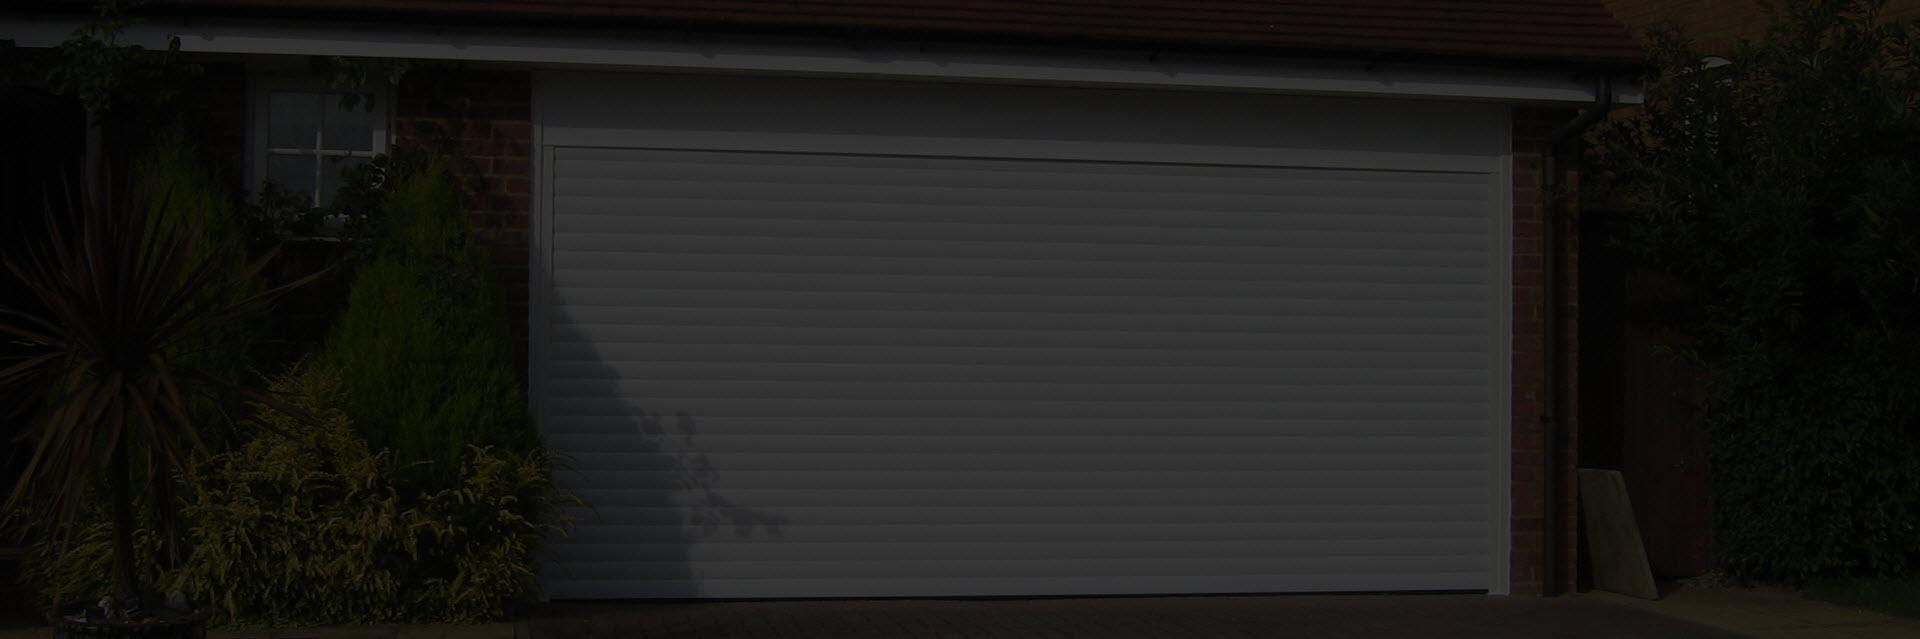 Buy Cardale Garage Doors London, by Chalfont Garage Doors